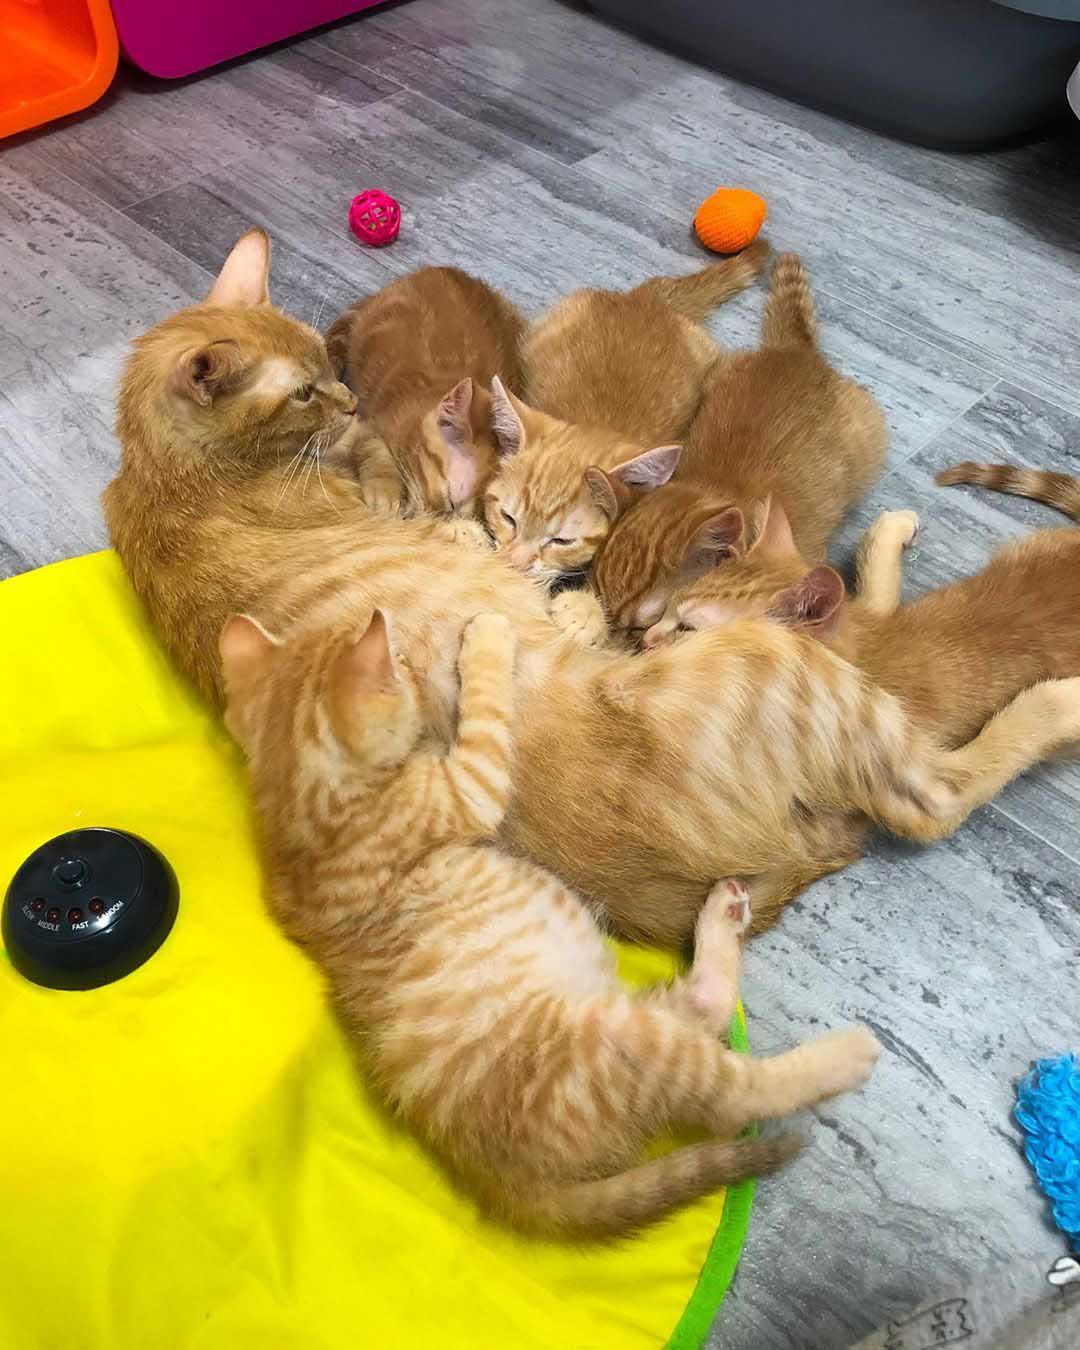 Gata adopta un gatito